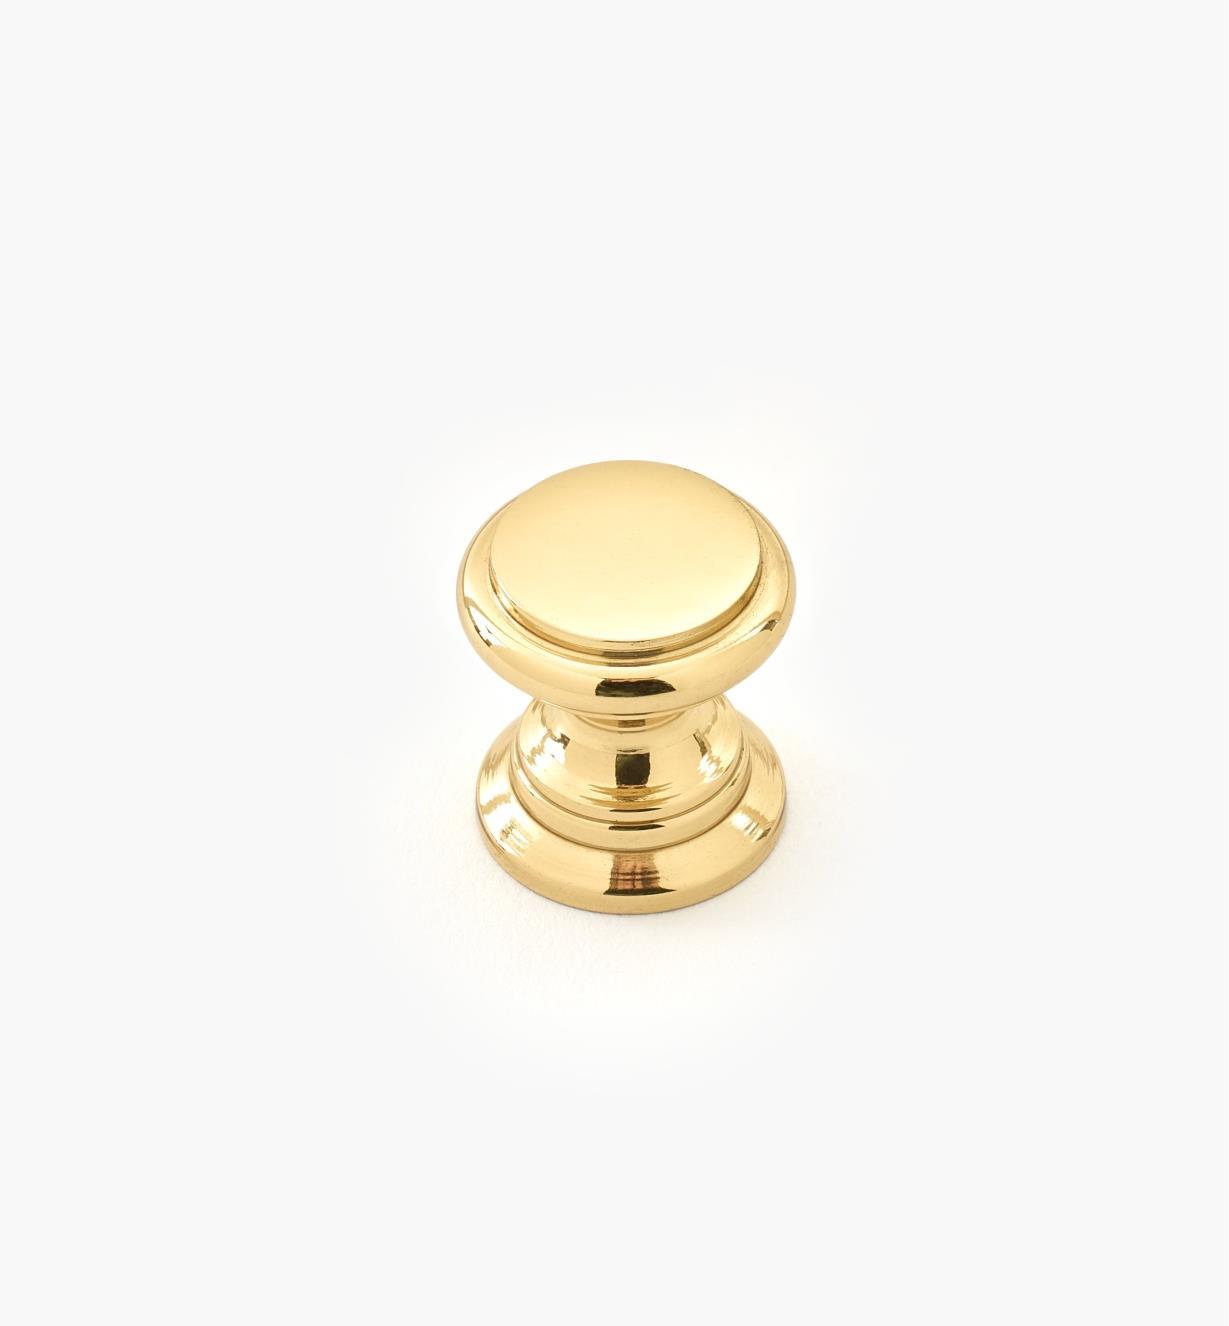 """00W3413 - 1/2"""" x 1/2"""" Small Brass Knob"""